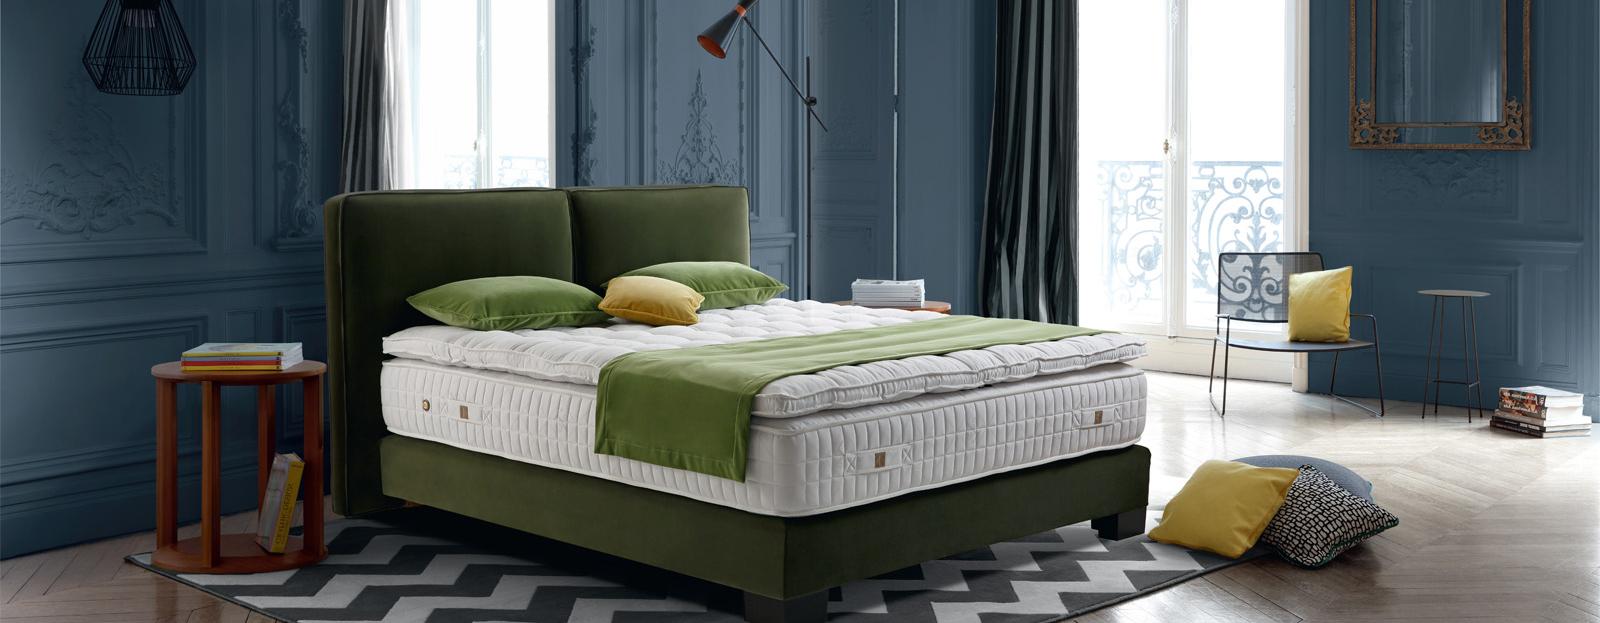 Treca Bett Preise & bei Schlafkultur Lang